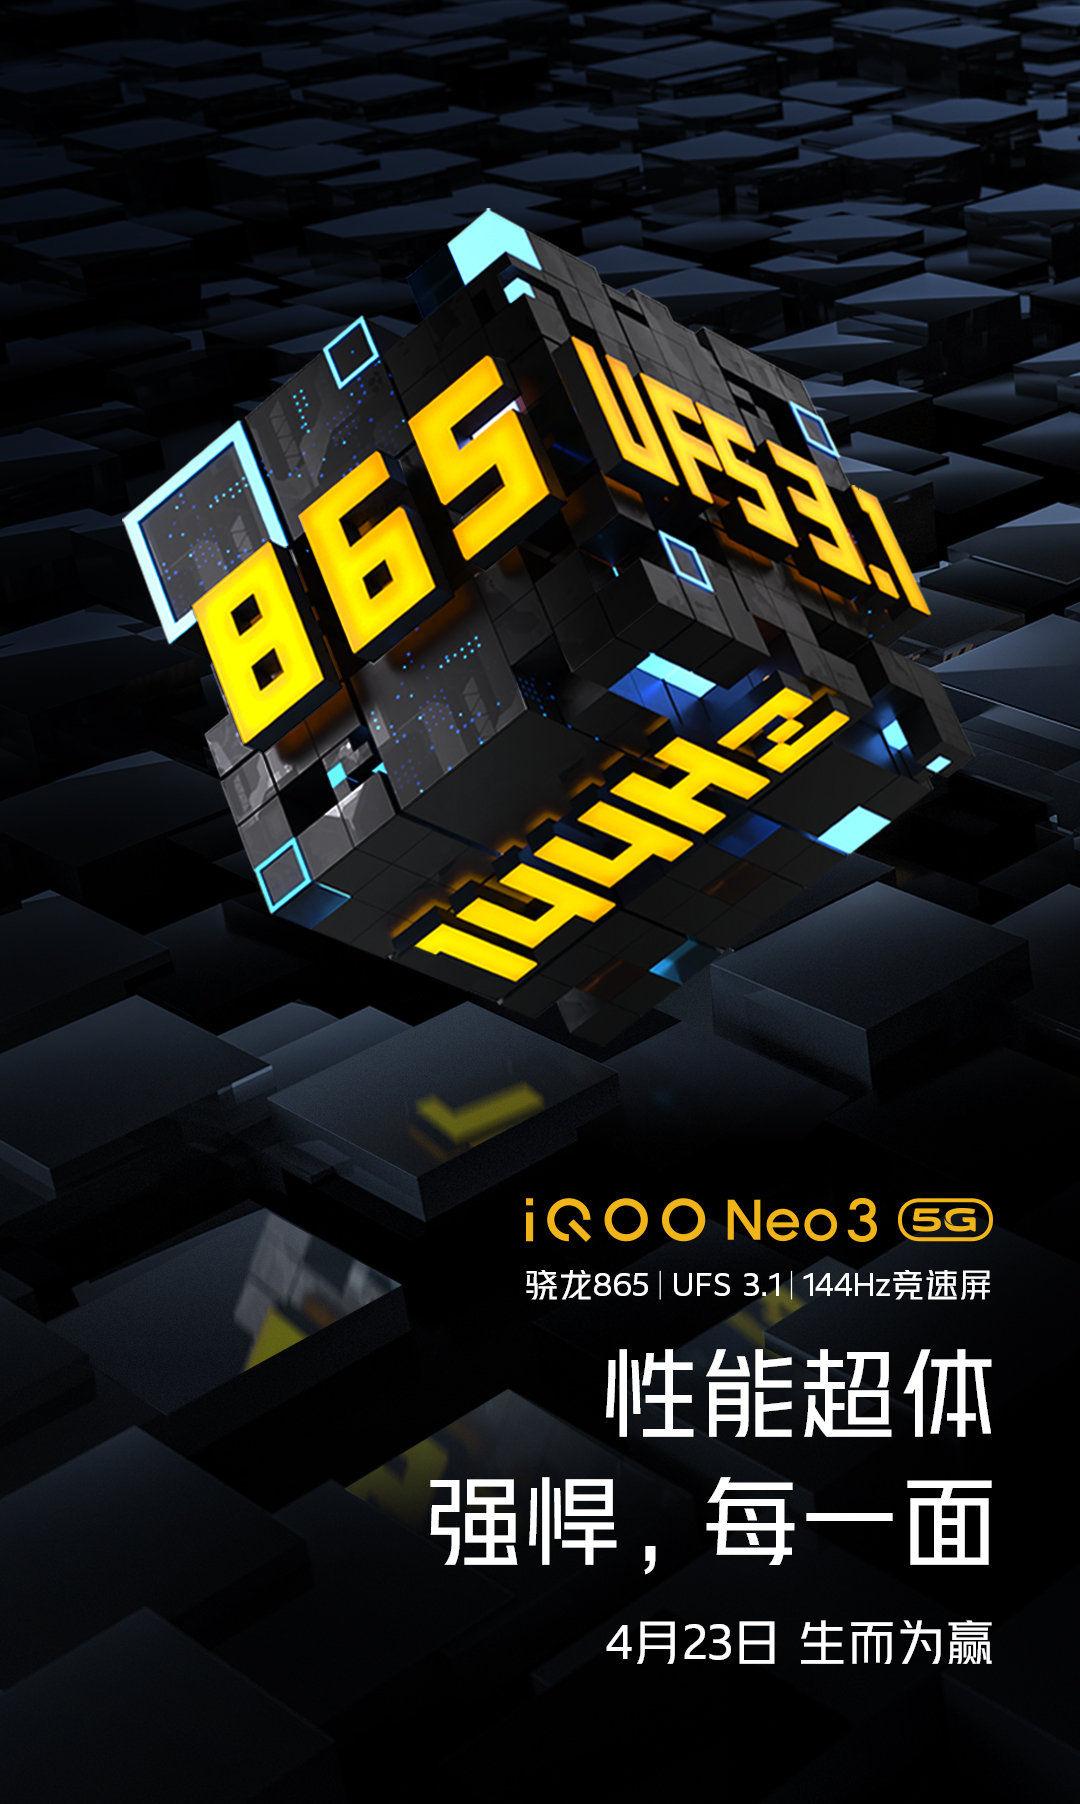 IQOO Neo 3 Poster